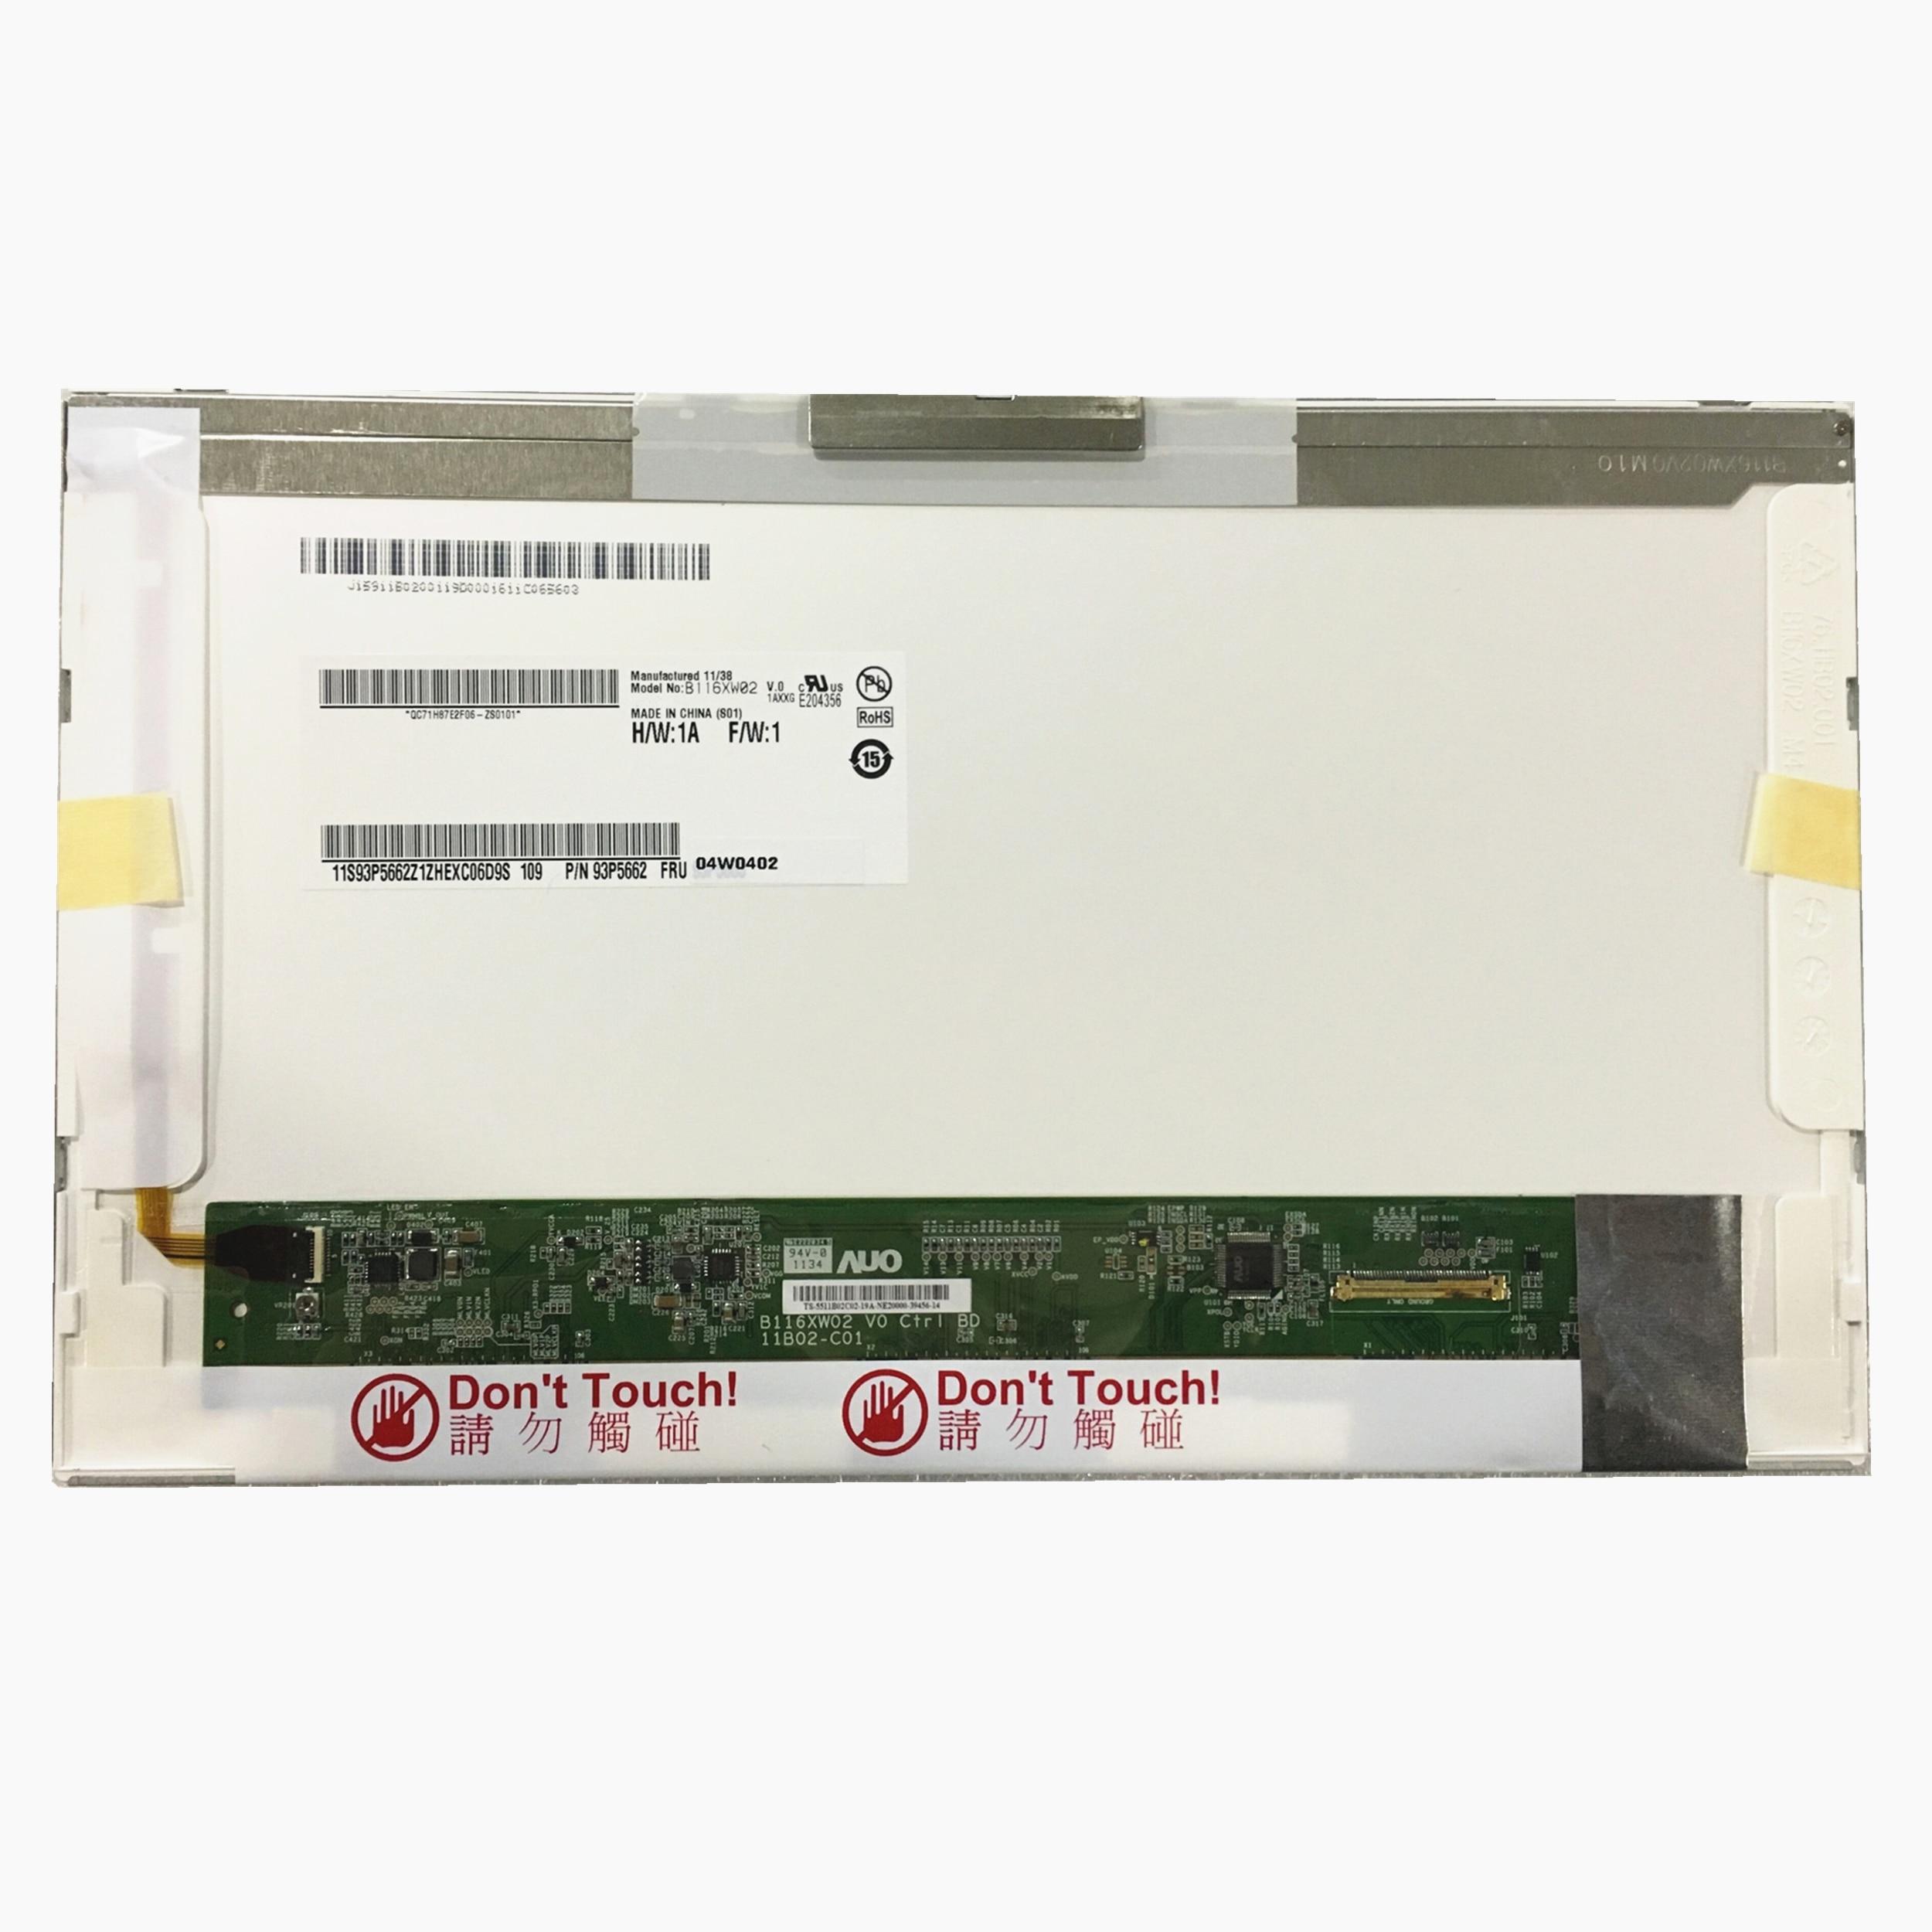 ЖК экран для ноутбука B116XW02 V.0 LTN116AT01 cla116wa0a LP116WH1 TLN1 TLP1, для IBM X100 U150 U121 P3010 S205, бесплатная доставка